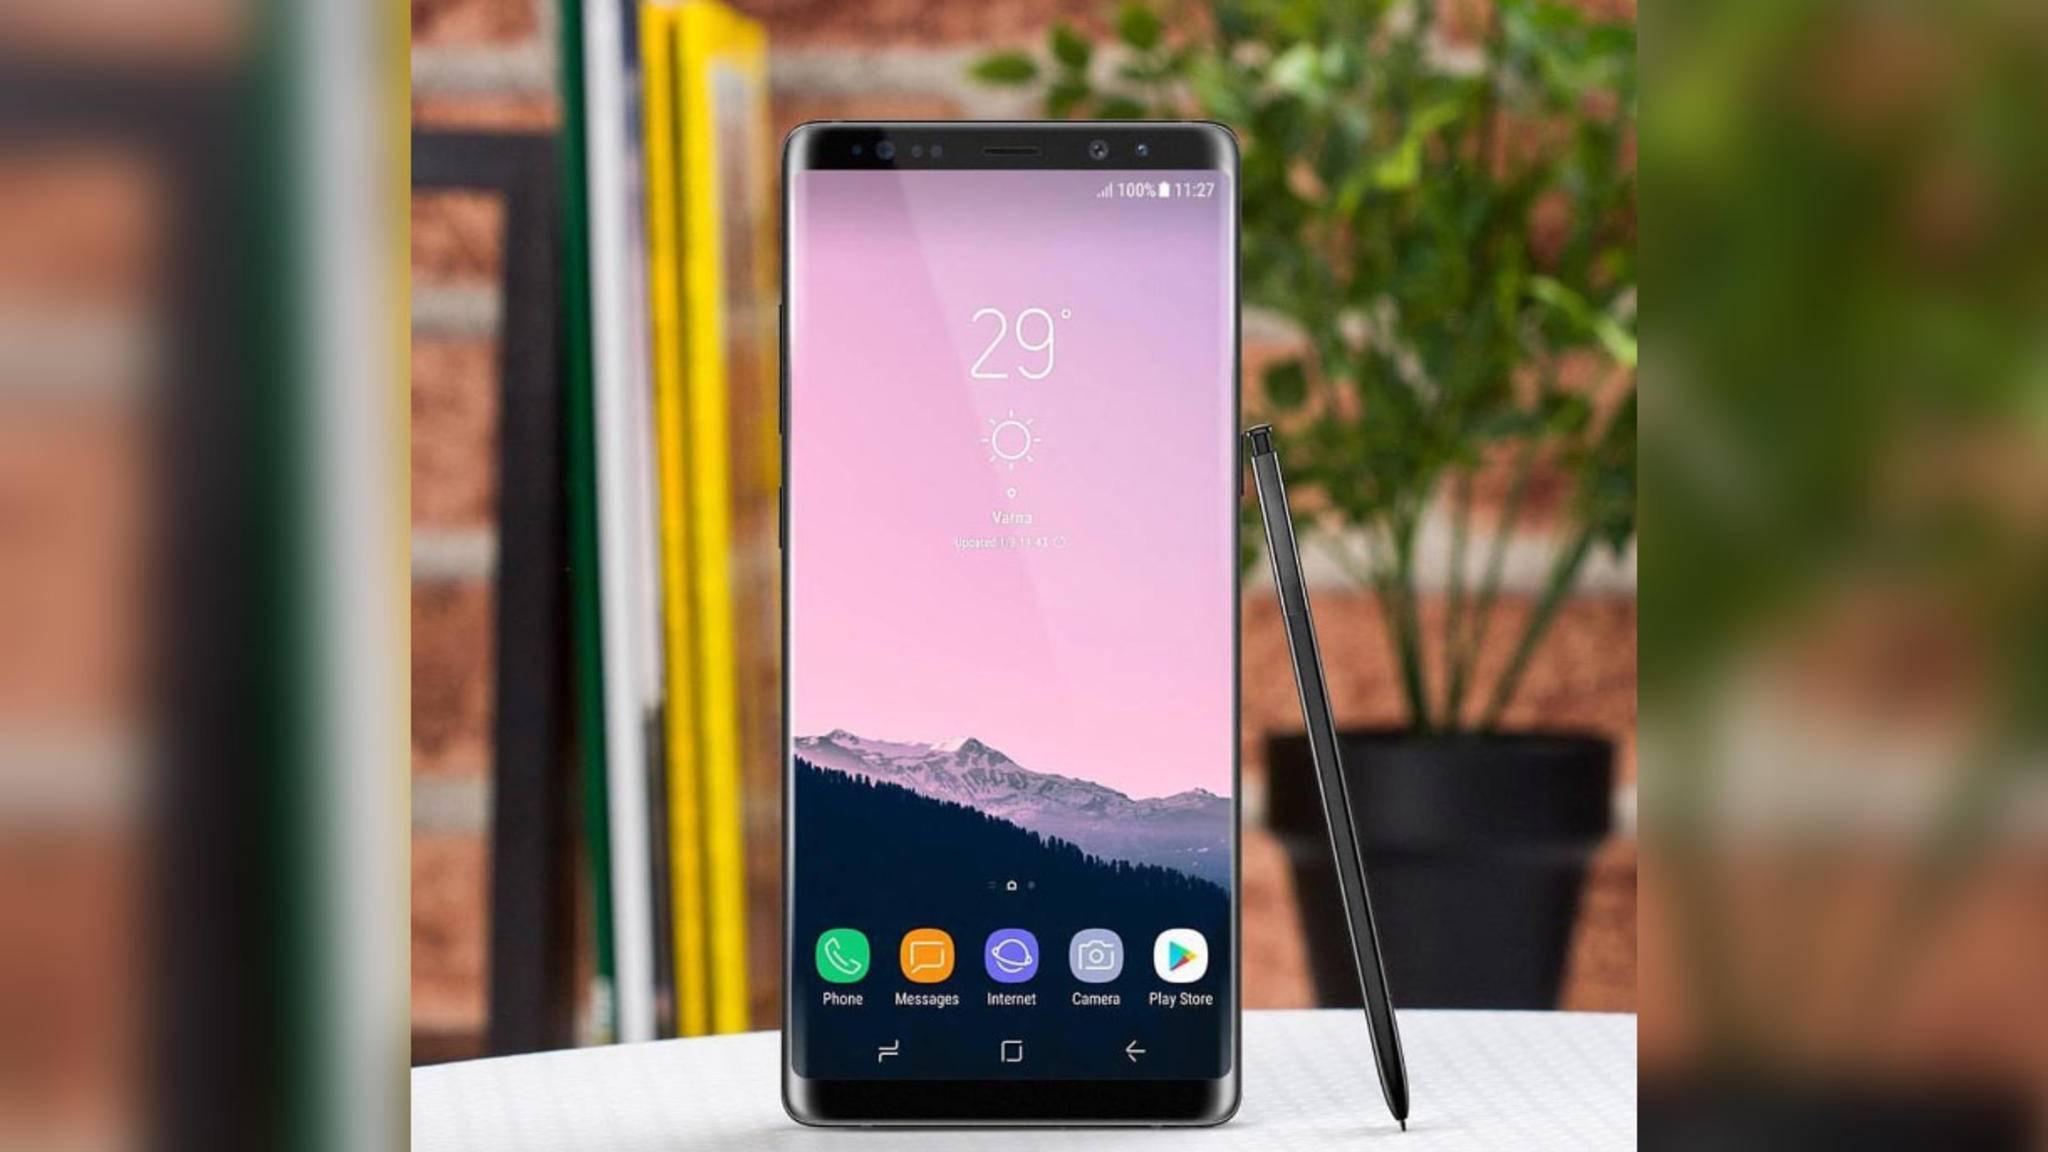 Das Note 8 ist noch nicht angekündigt, da gibt es schon Gerüchte zum Galaxy Note 9.